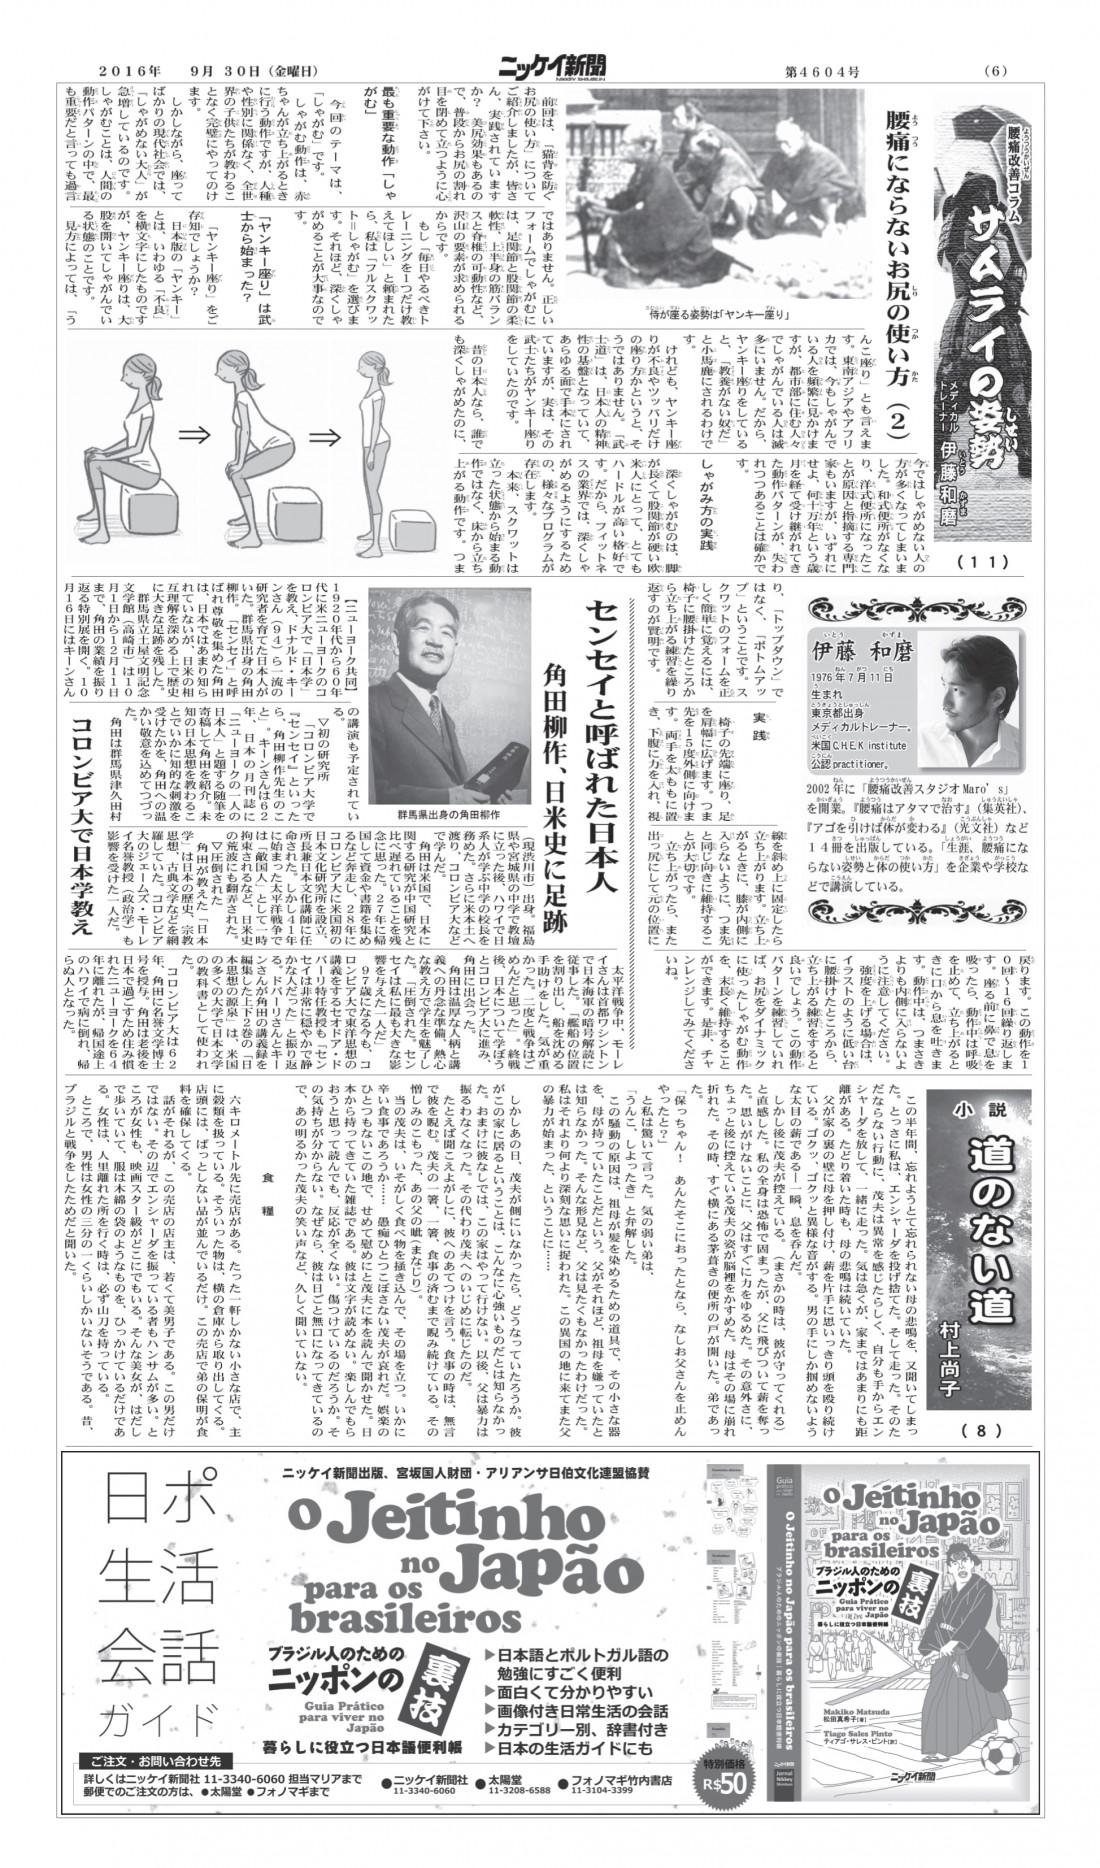 20160930-jornal-nikkey-shimbun-p6-samurai-%e3%81%ae%e3%82%b3%e3%83%94%e3%83%bc